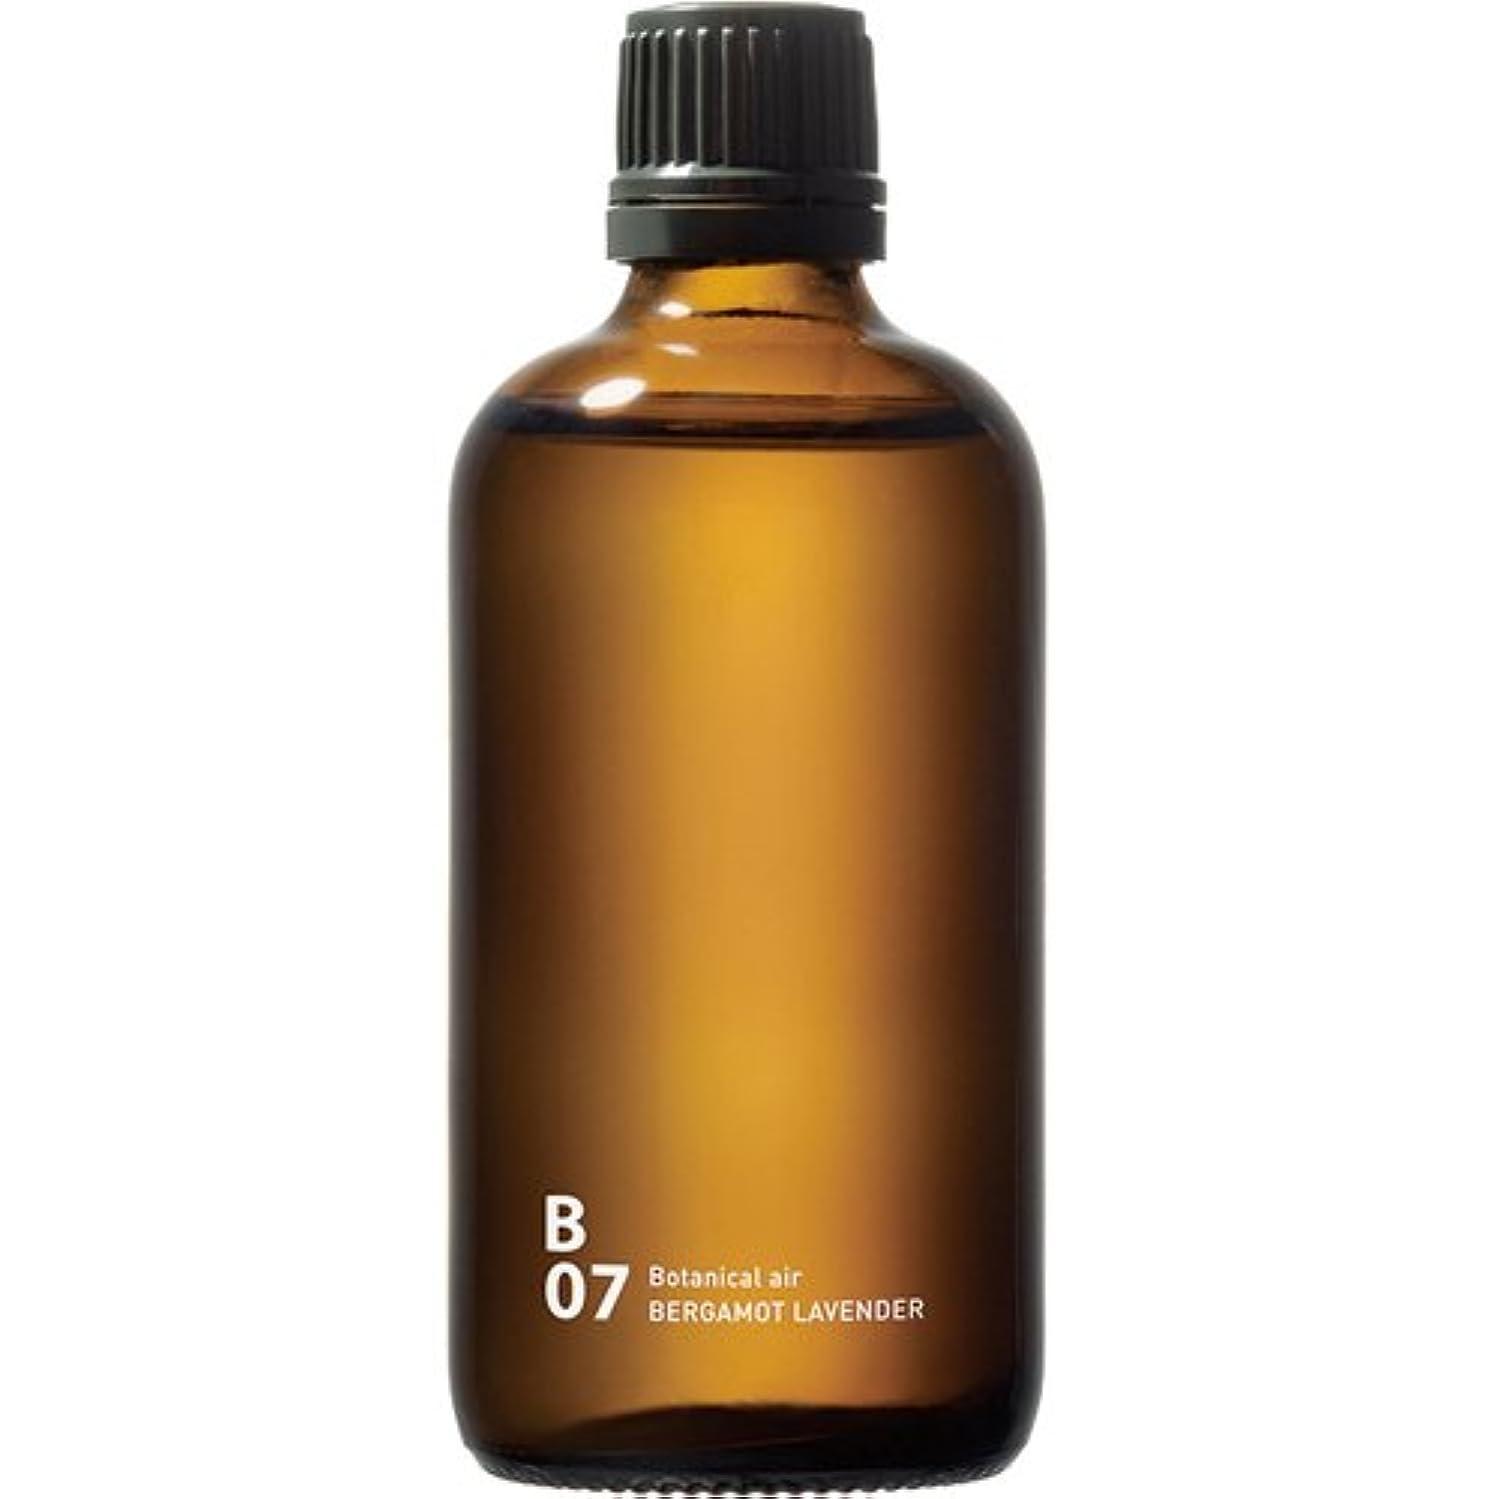 縮れた該当する葡萄B07 BERGAMOT LAVENDER piezo aroma oil 100ml